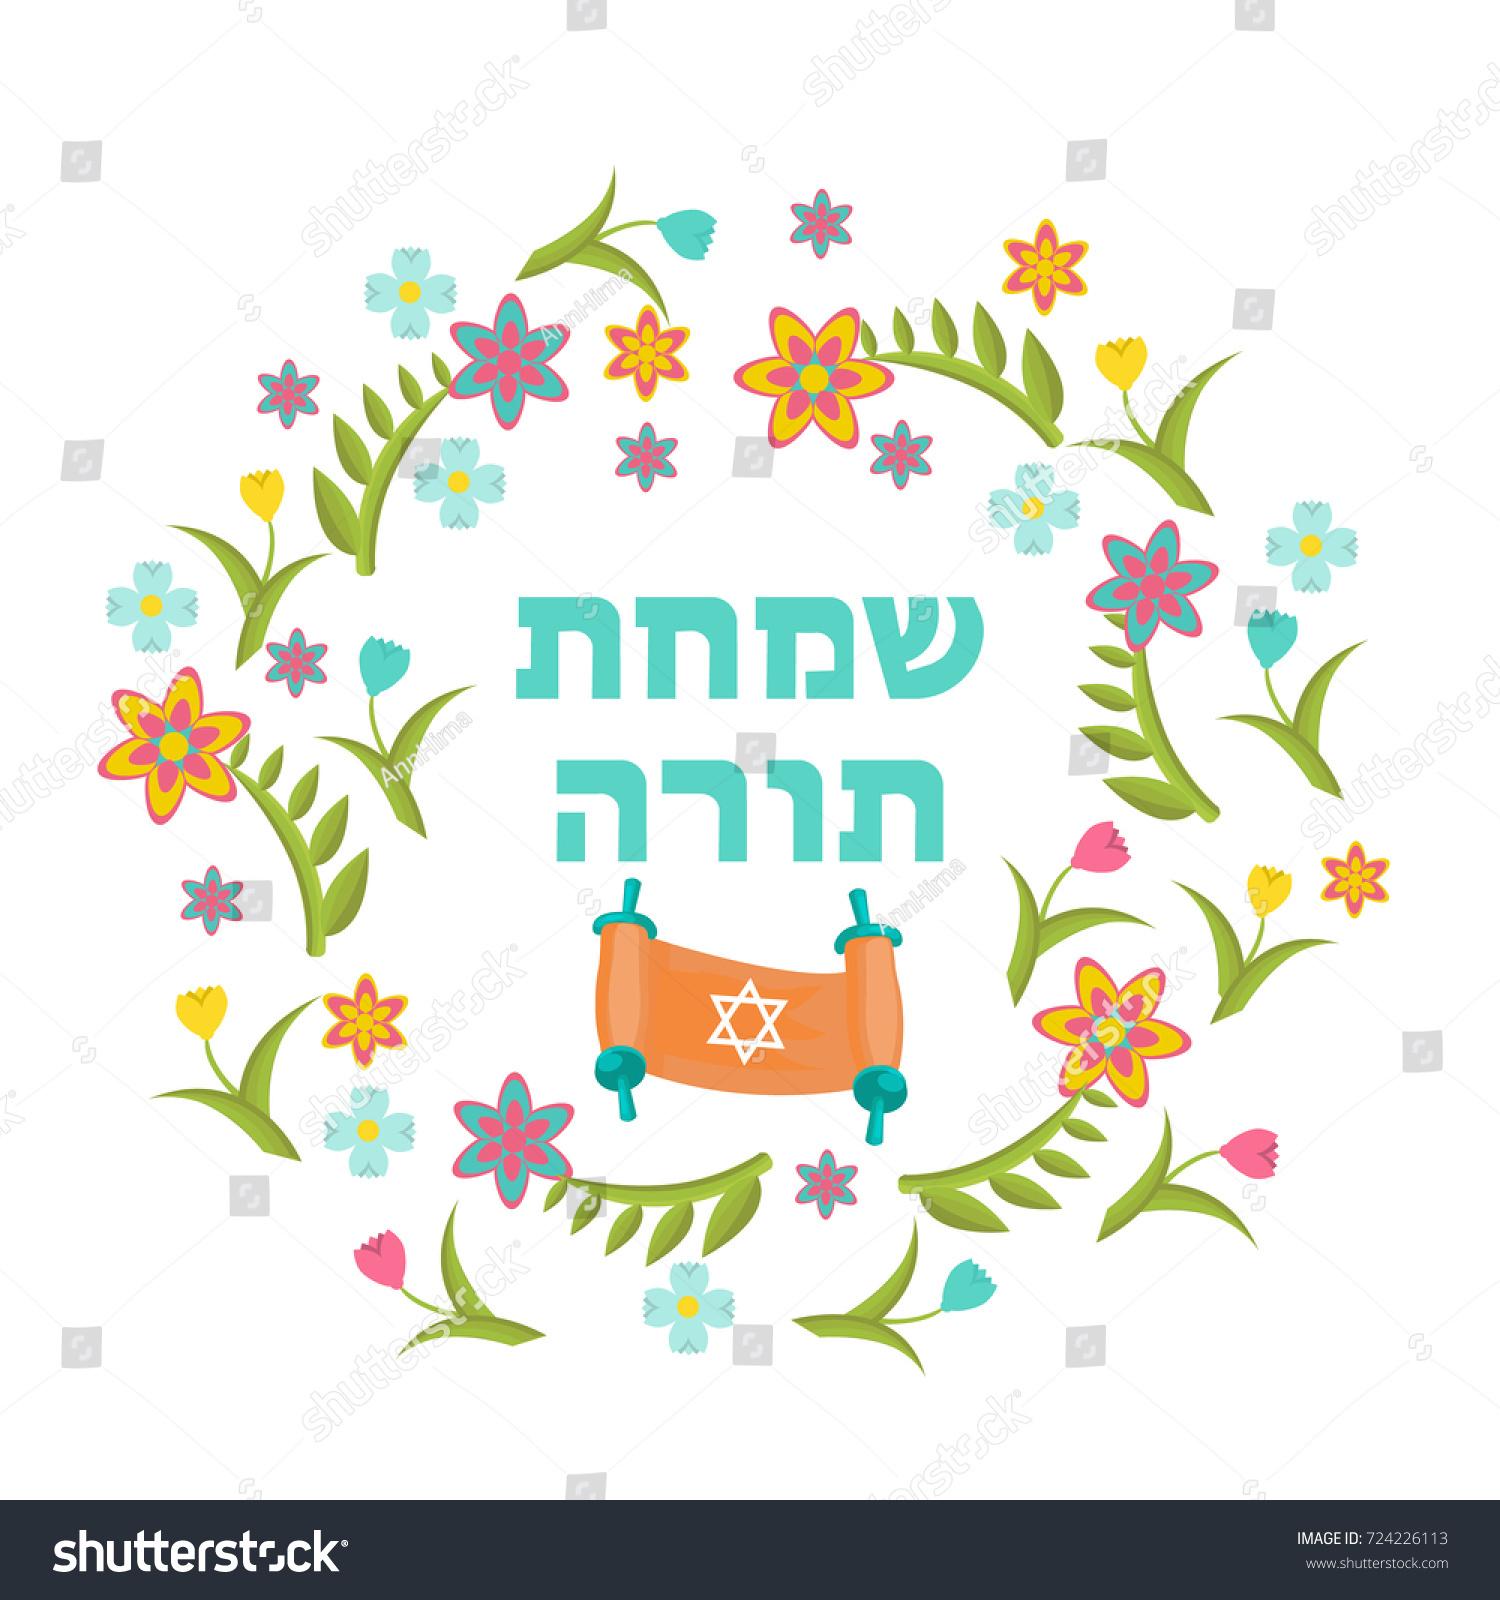 Simchat Torah Jewish Holiday Greeting Card Stock Vector